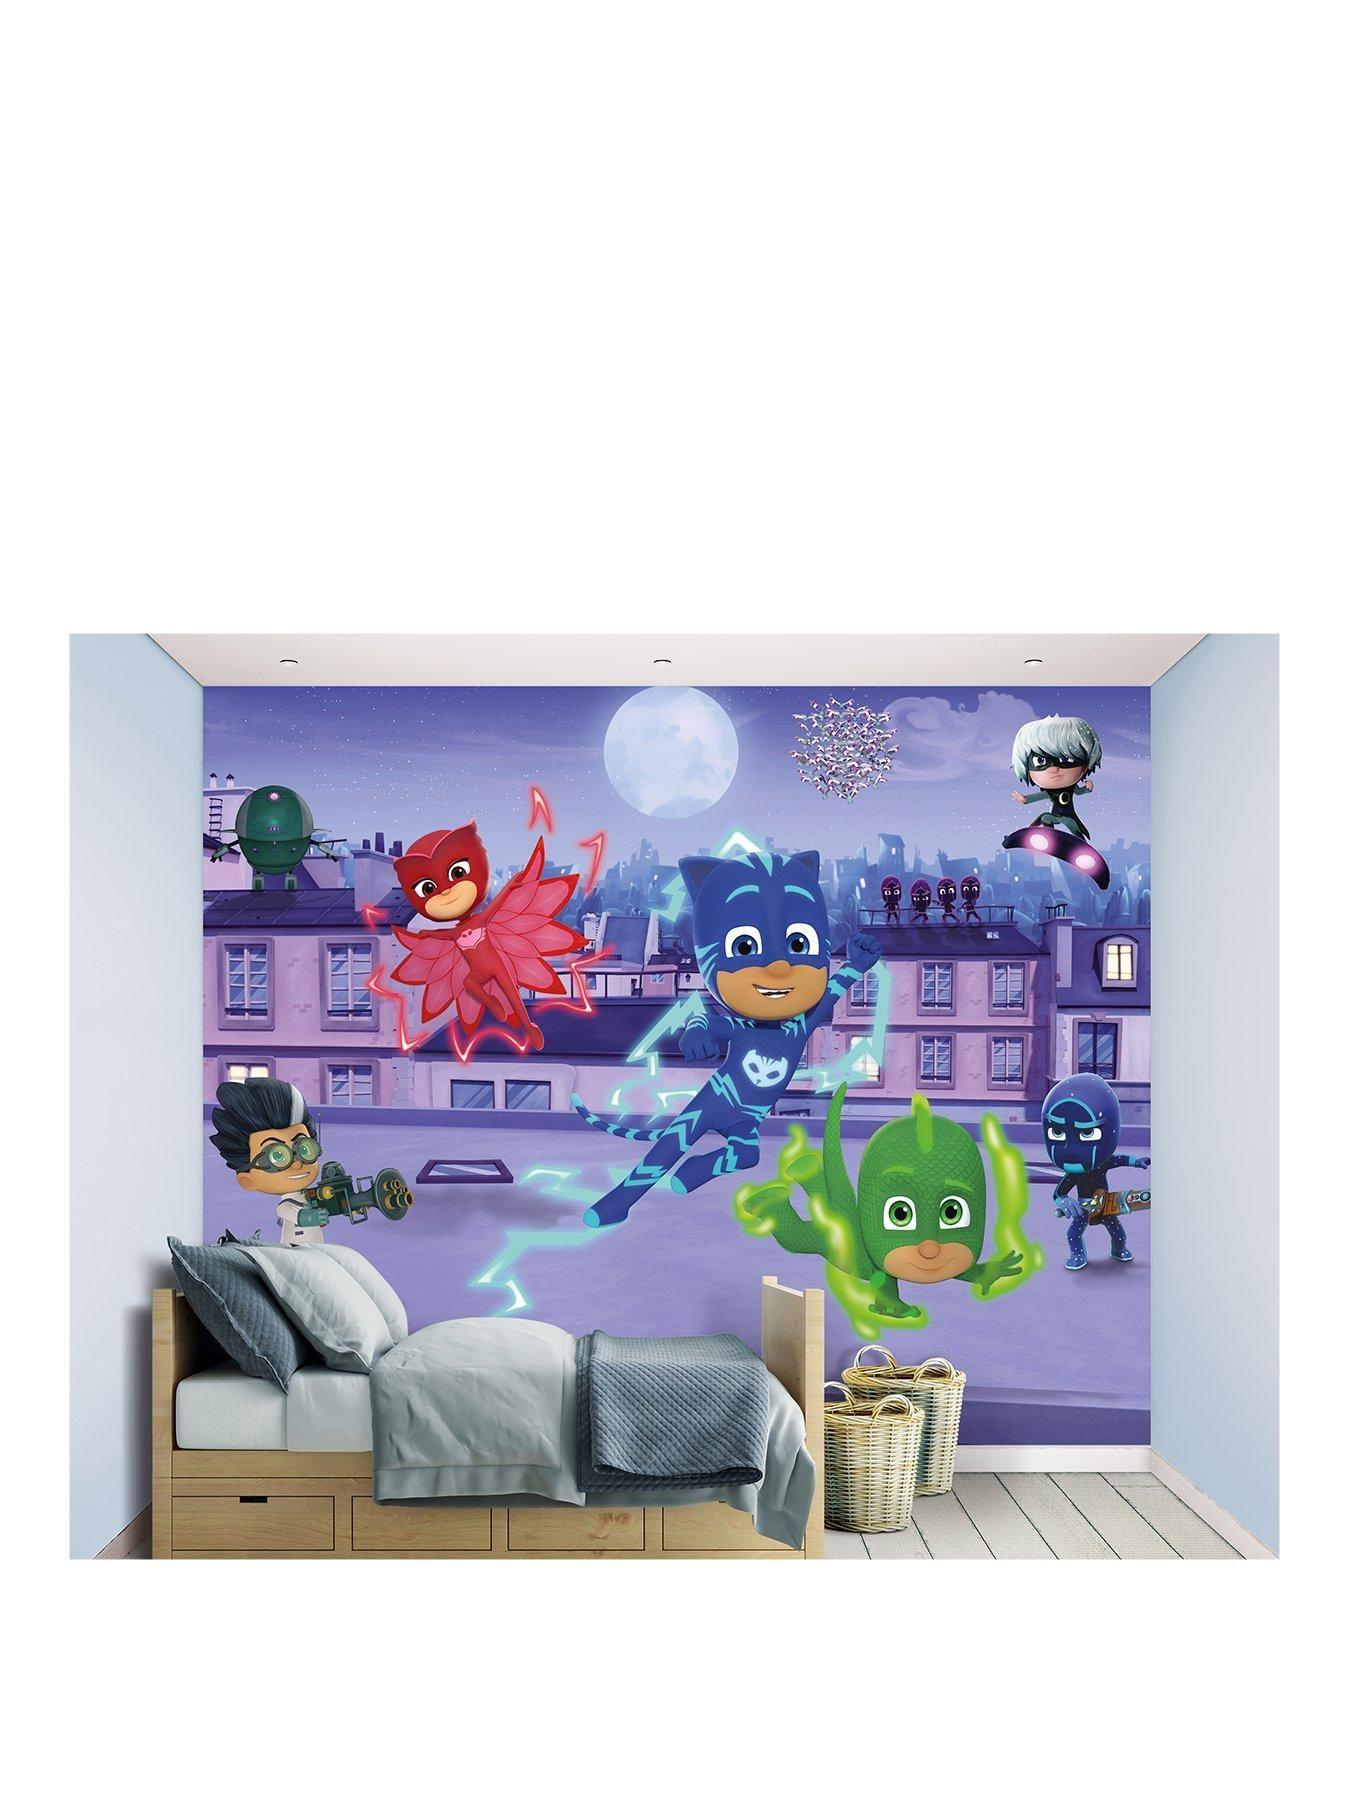 PJ Masks Wall Mural Boys room mural, Toddler boys room